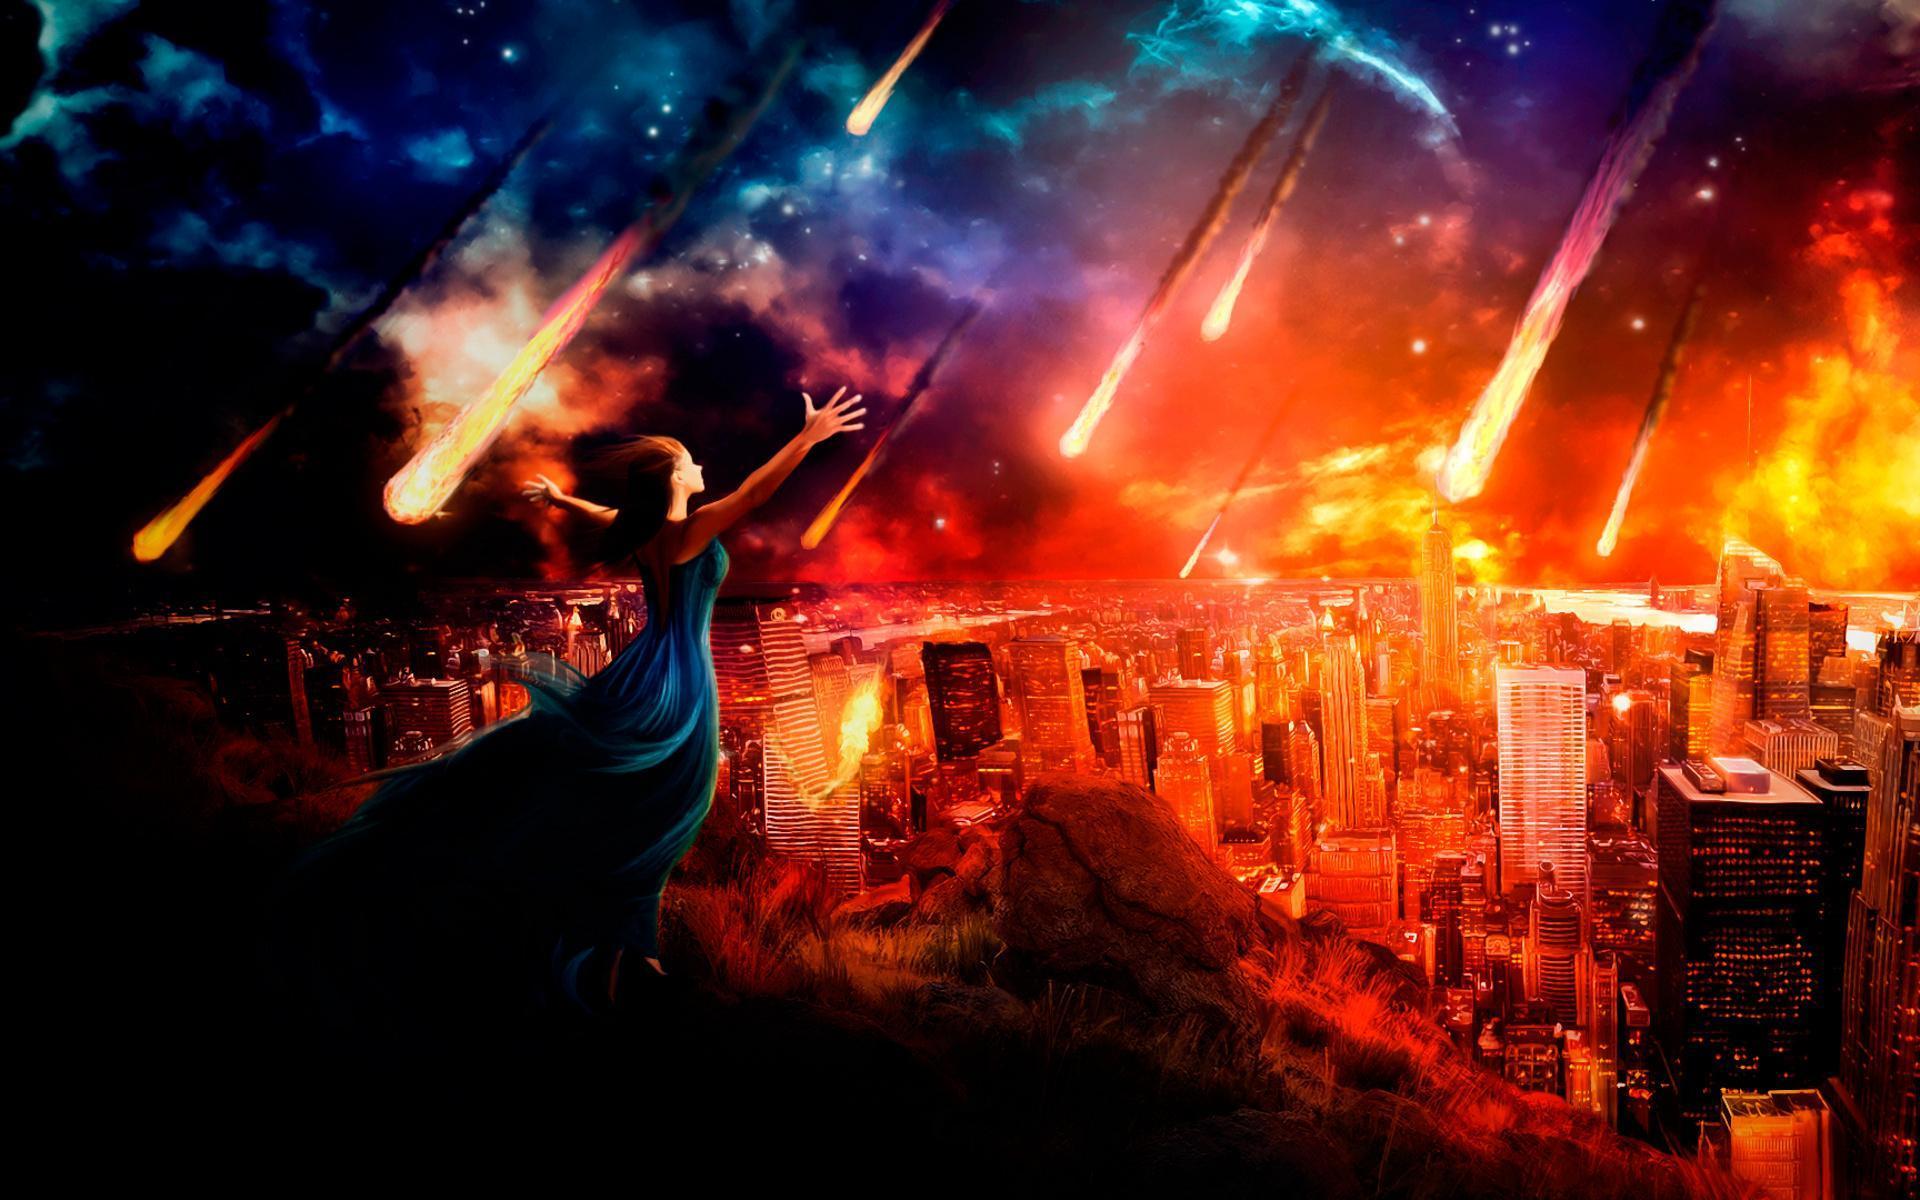 Apocalypse Now 1920x1200